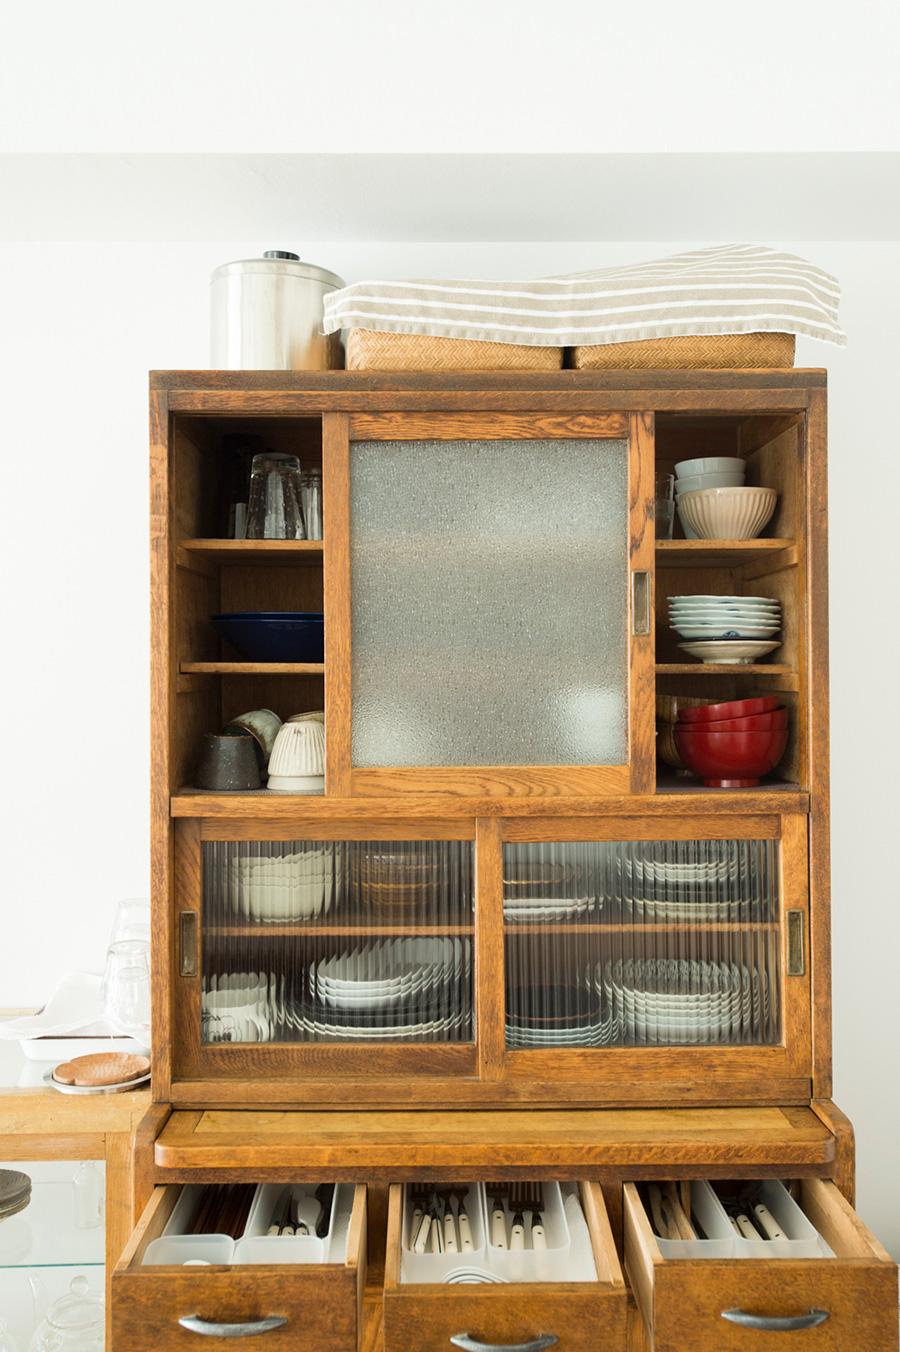 使いやすさを考えて配置。食器は、奥まで手が届きやすいようジグザクに配置する三角置きに。